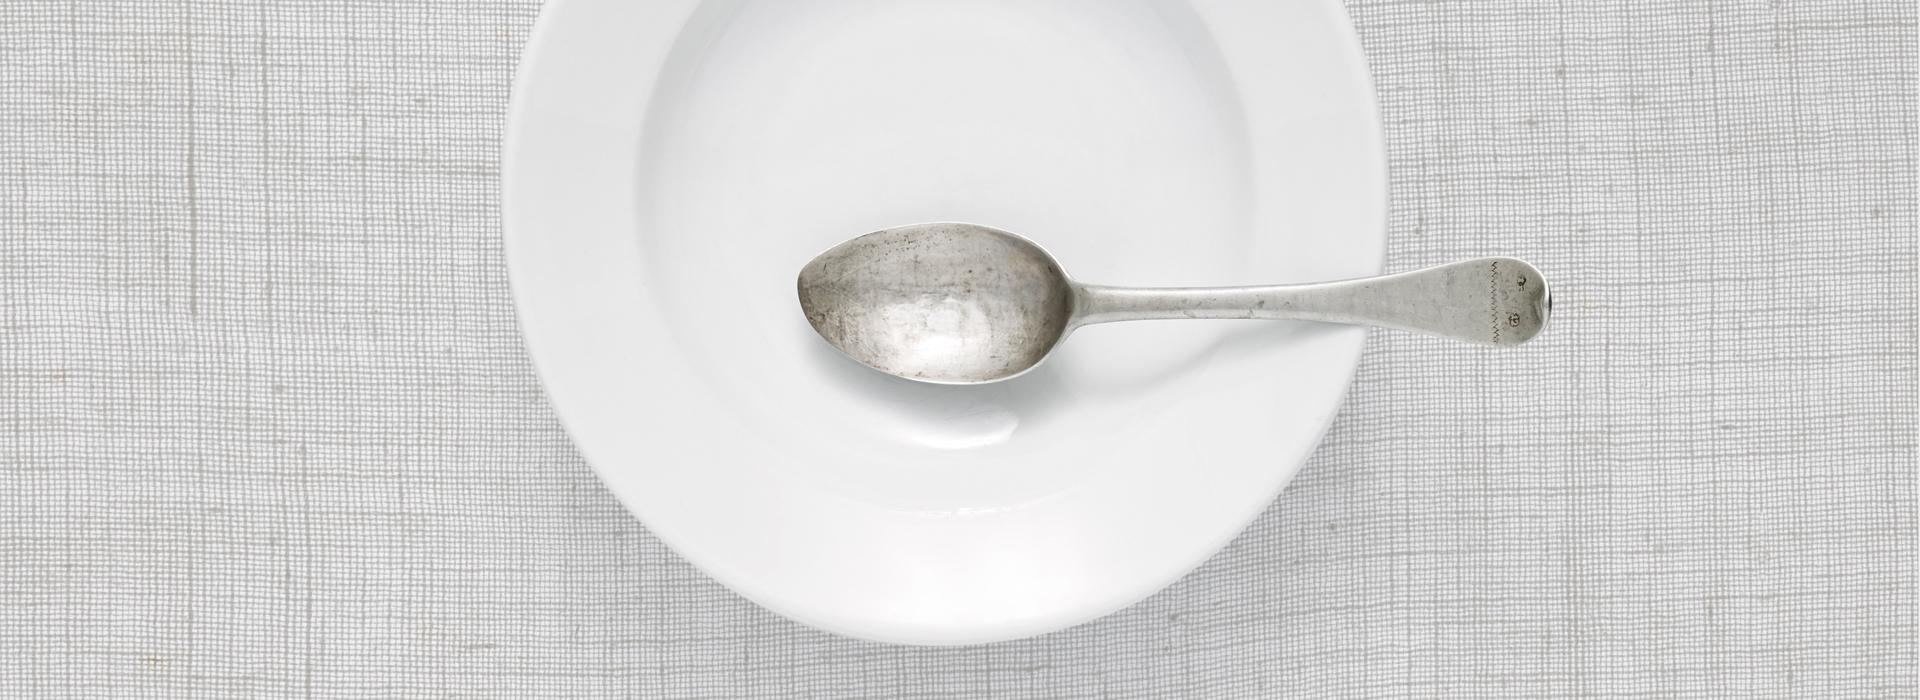 Essen in Stille und Achtsamkeit